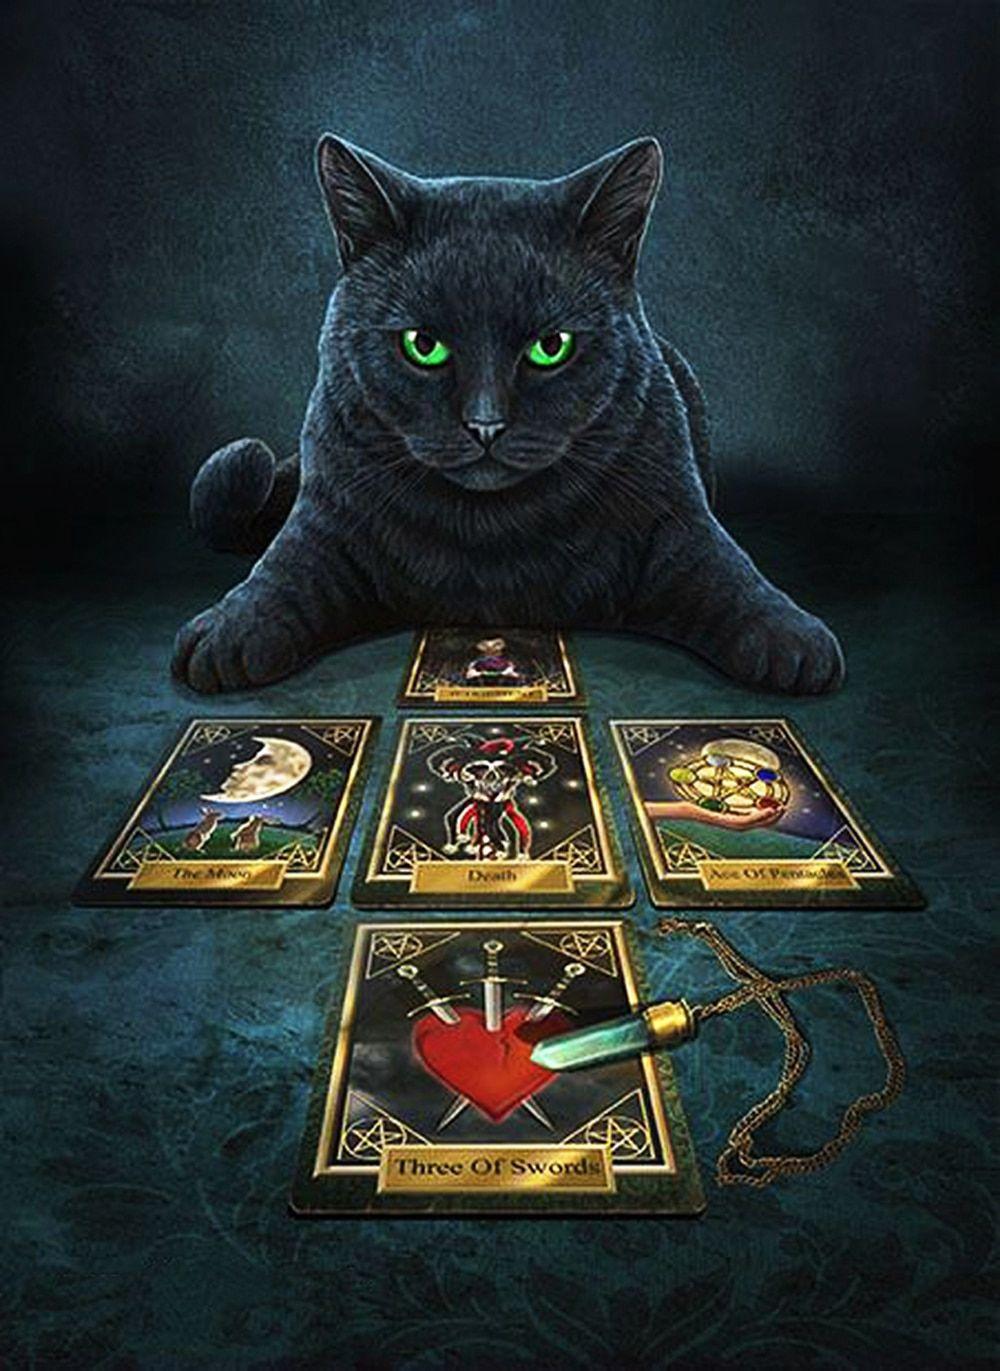 5d diy diamond paintings full round animal tarot black cat